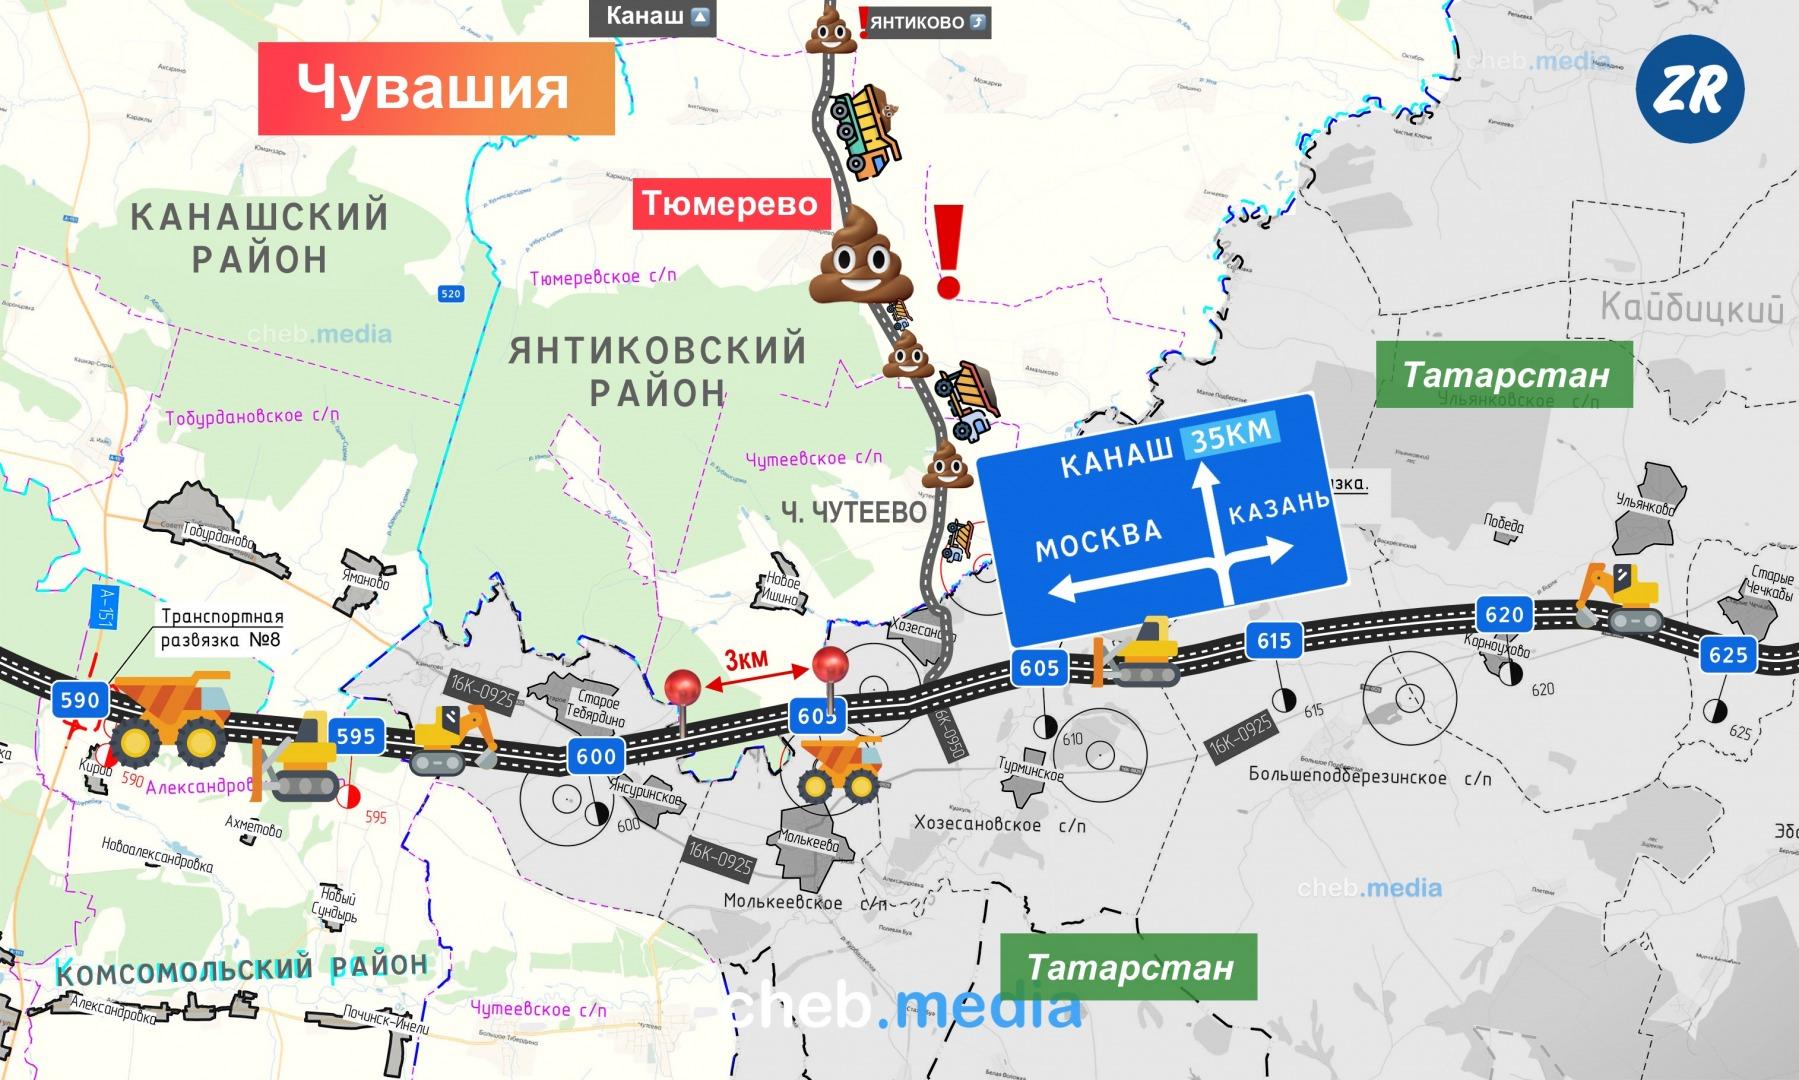 Стройматериалы для 7-го участка везут из Канаша в Татарстан